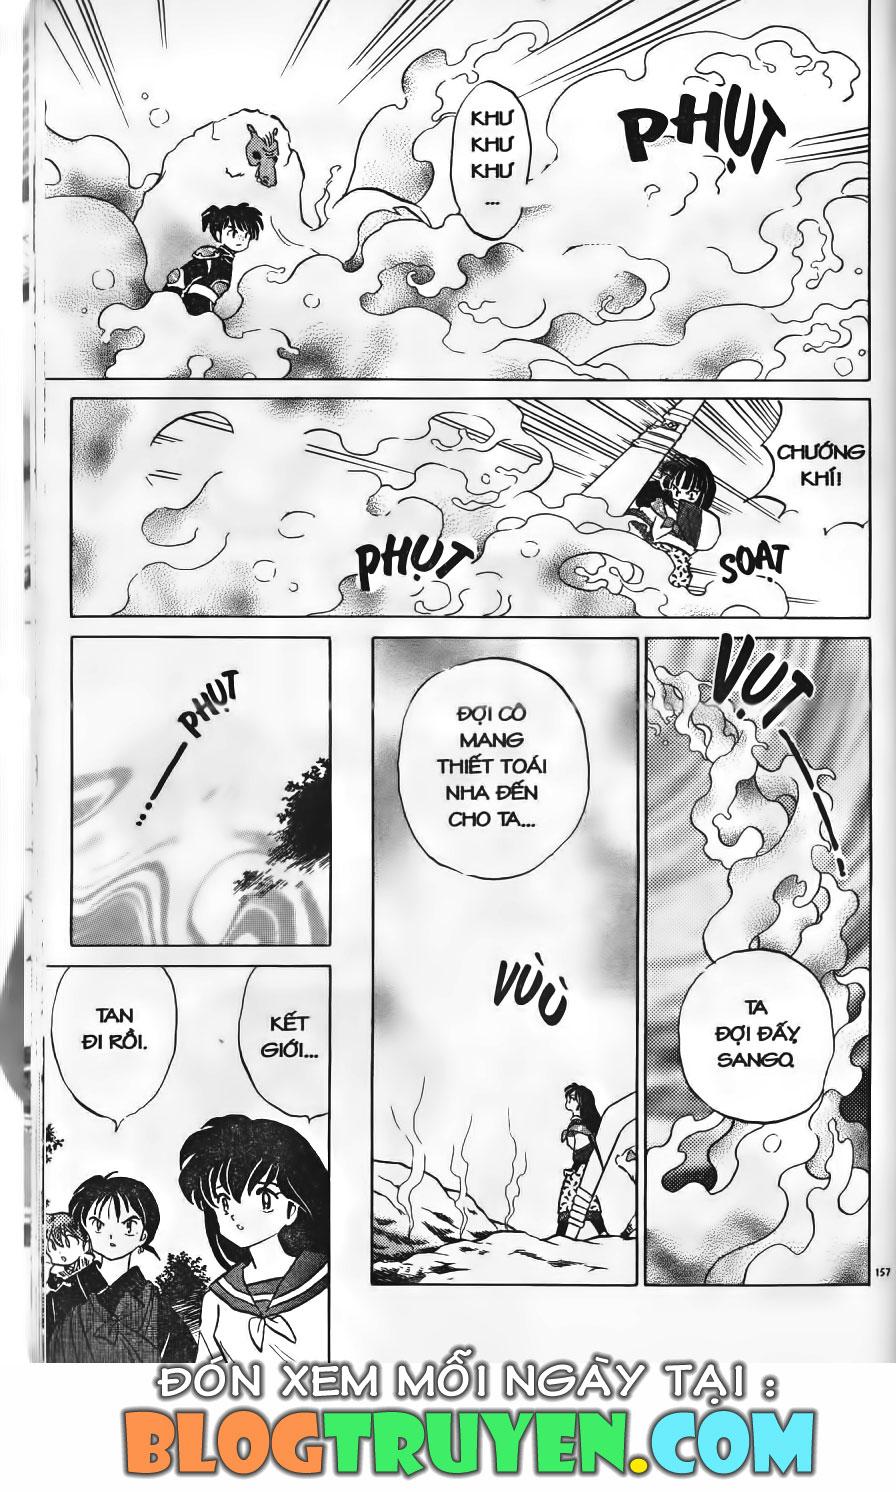 Inuyasha vol 11.9 trang 10